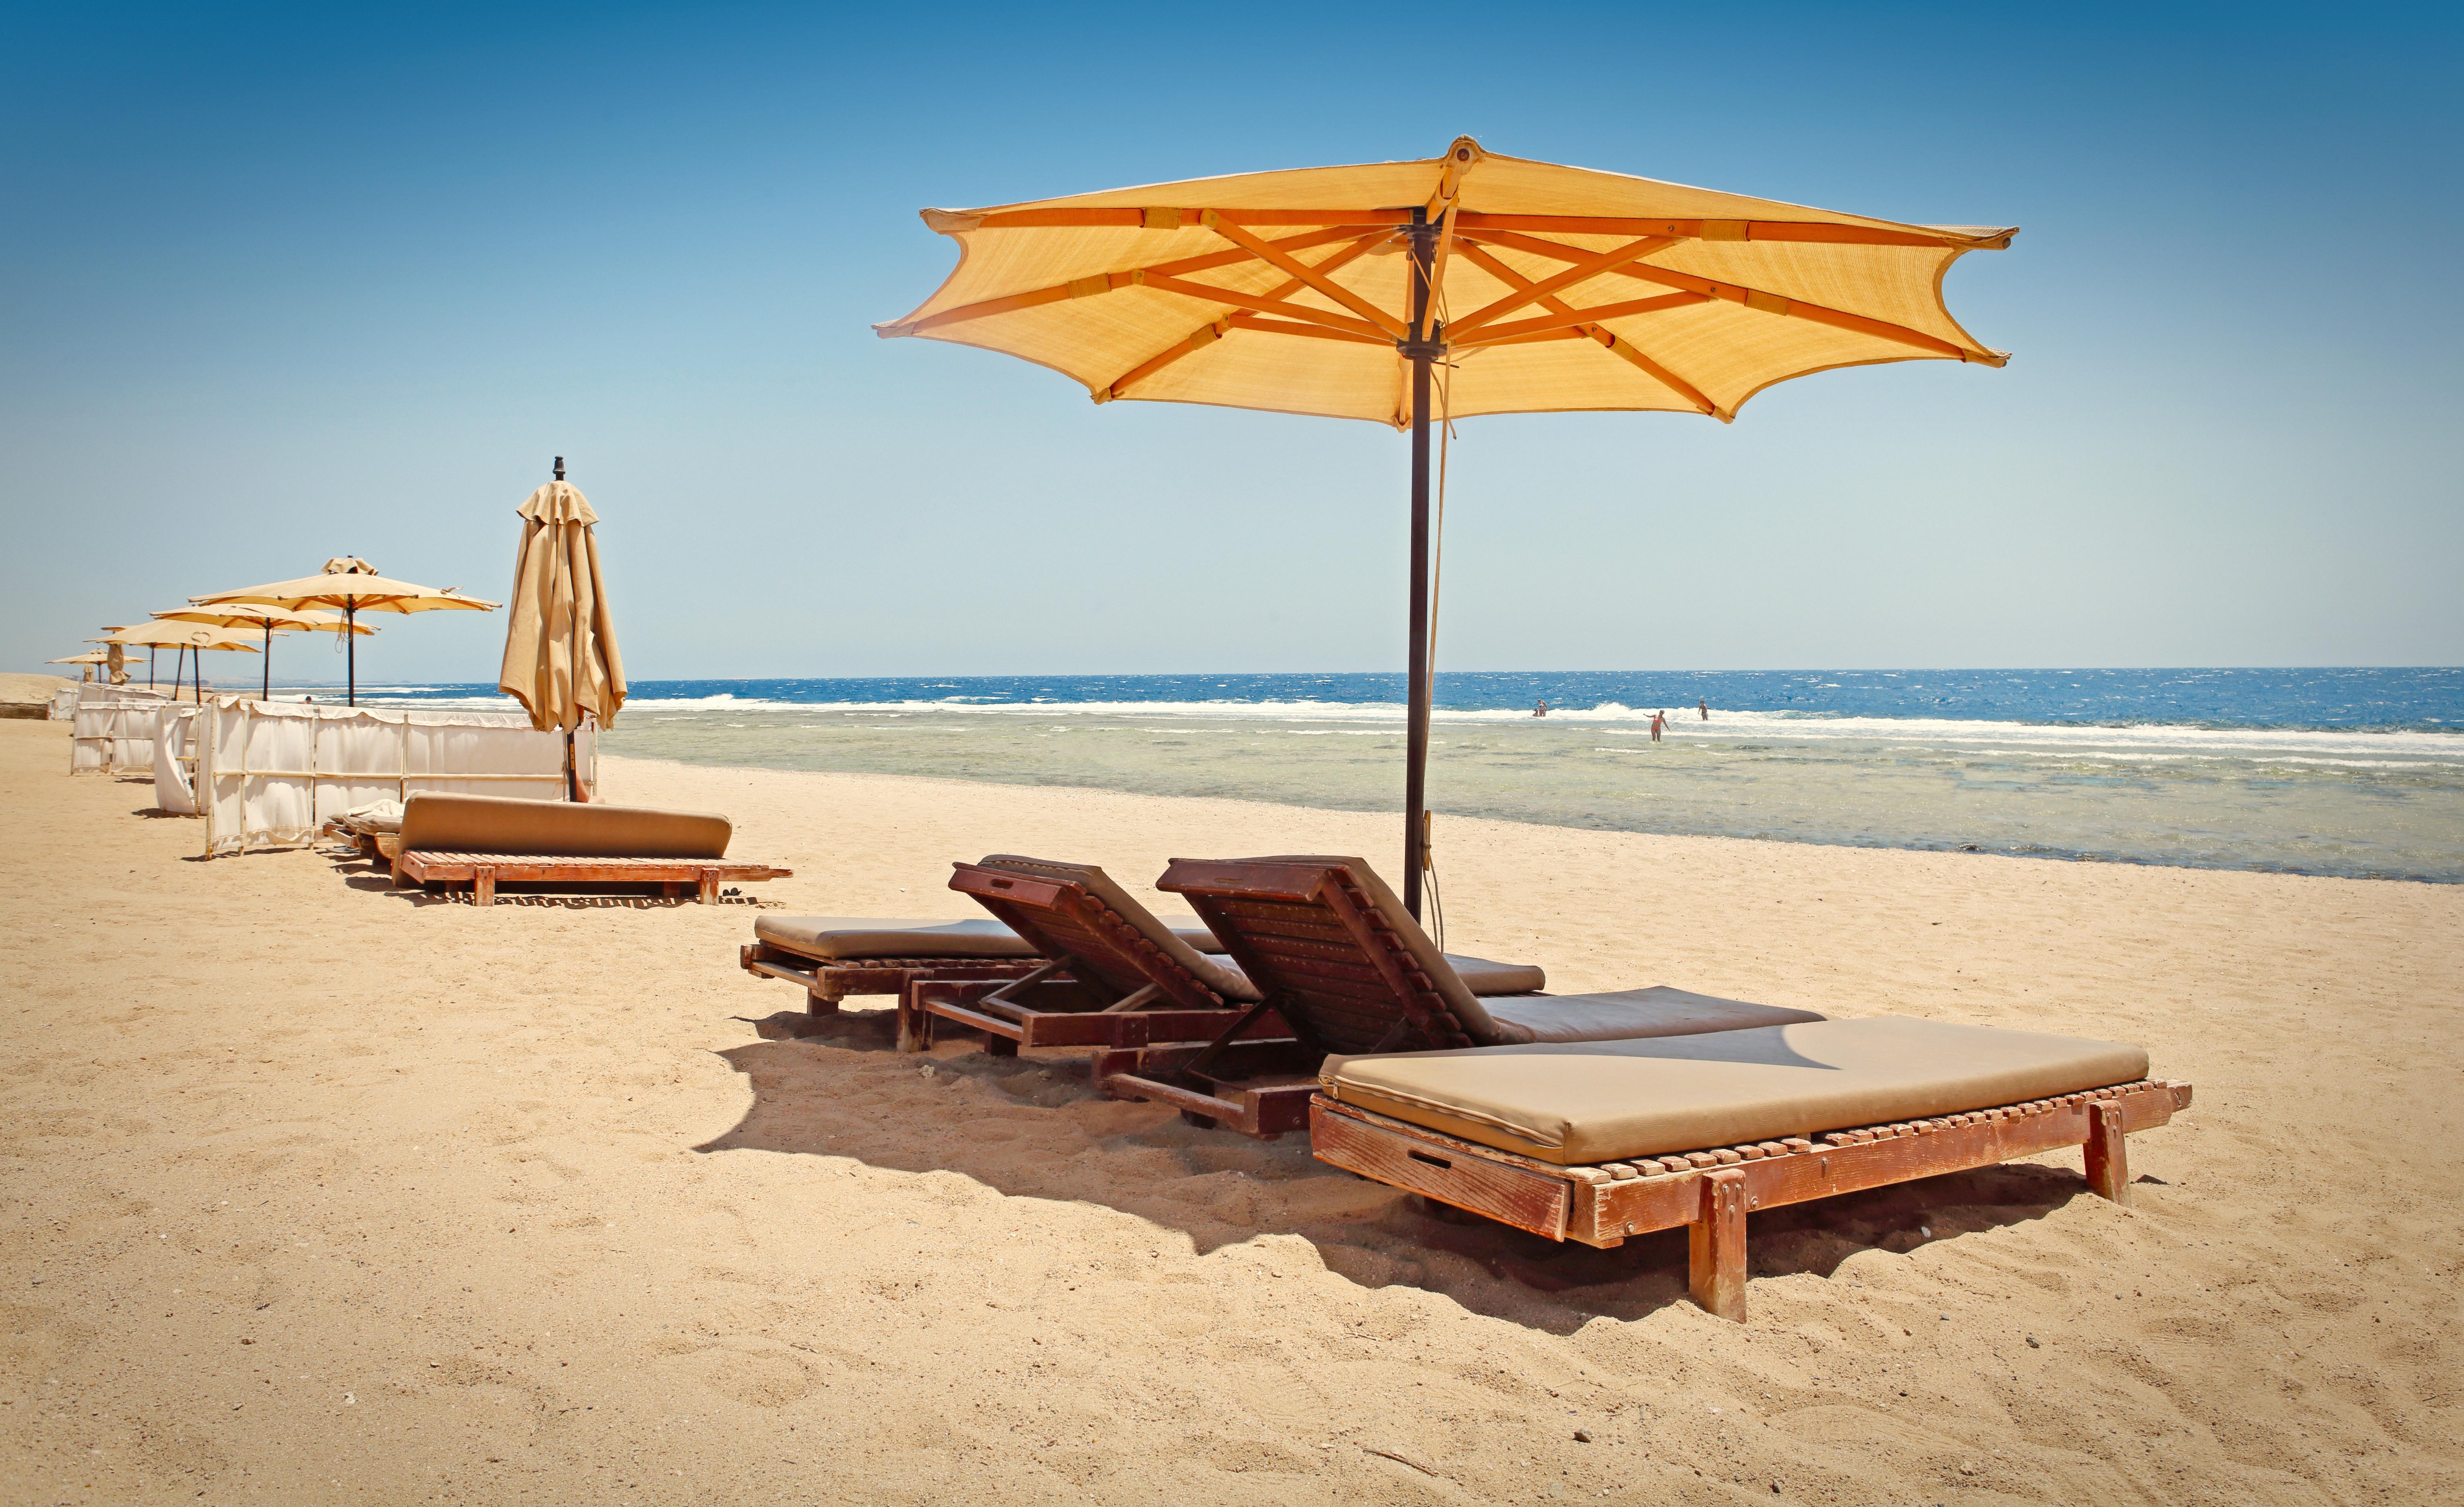 Disfruta de un paraíso de aguas cristalinas - Egipto Circuito Heket y Mar Rojo